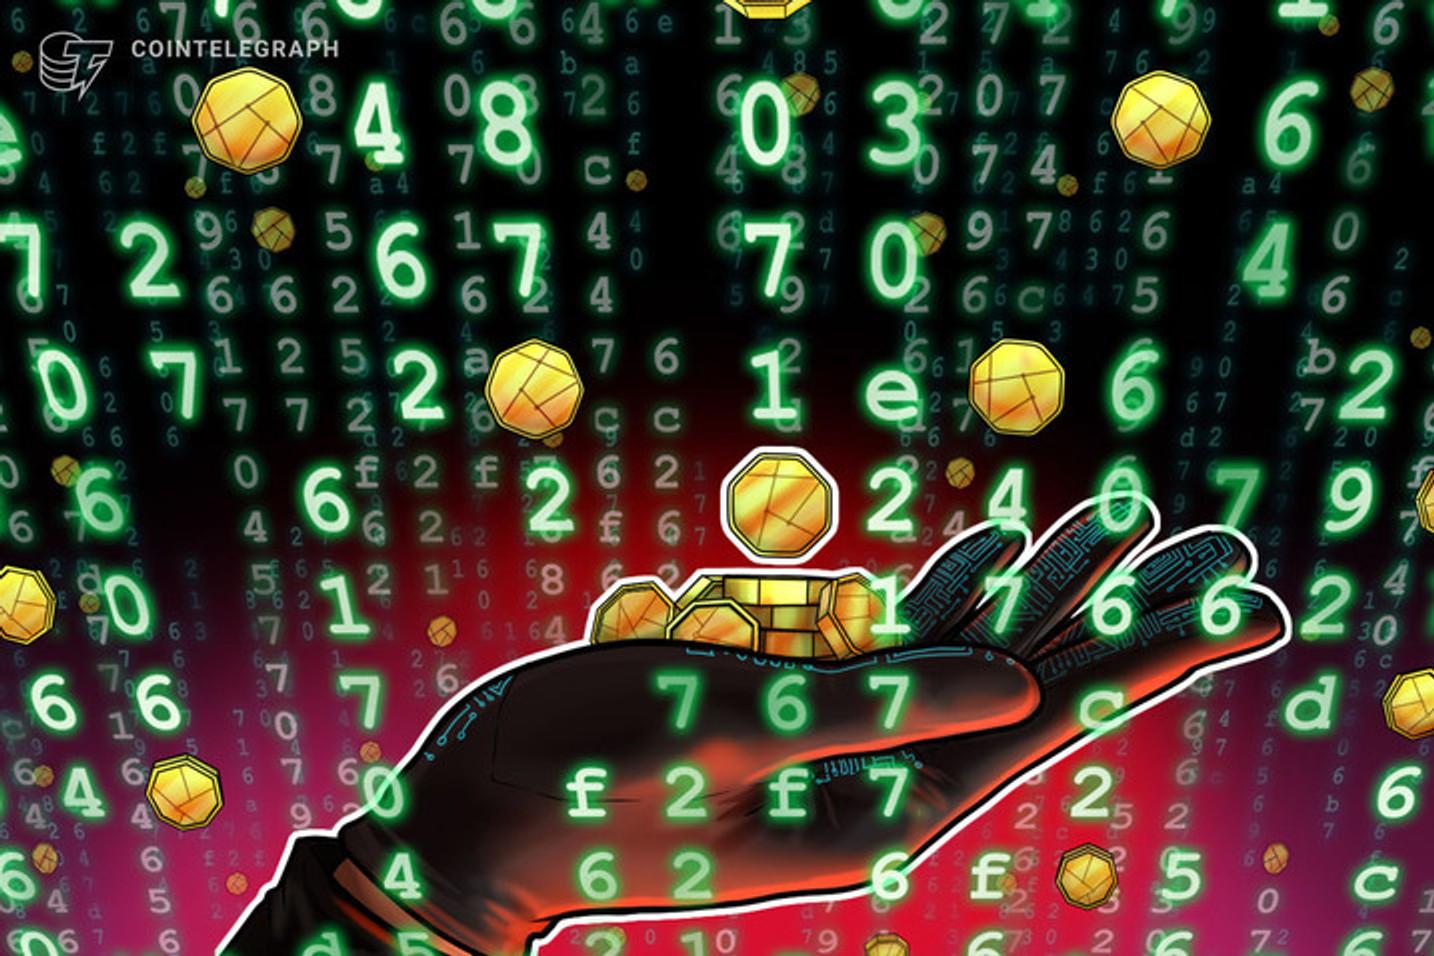 Segurança no Pix: 25 milhões de chaves cadastradas, fraudes e limites